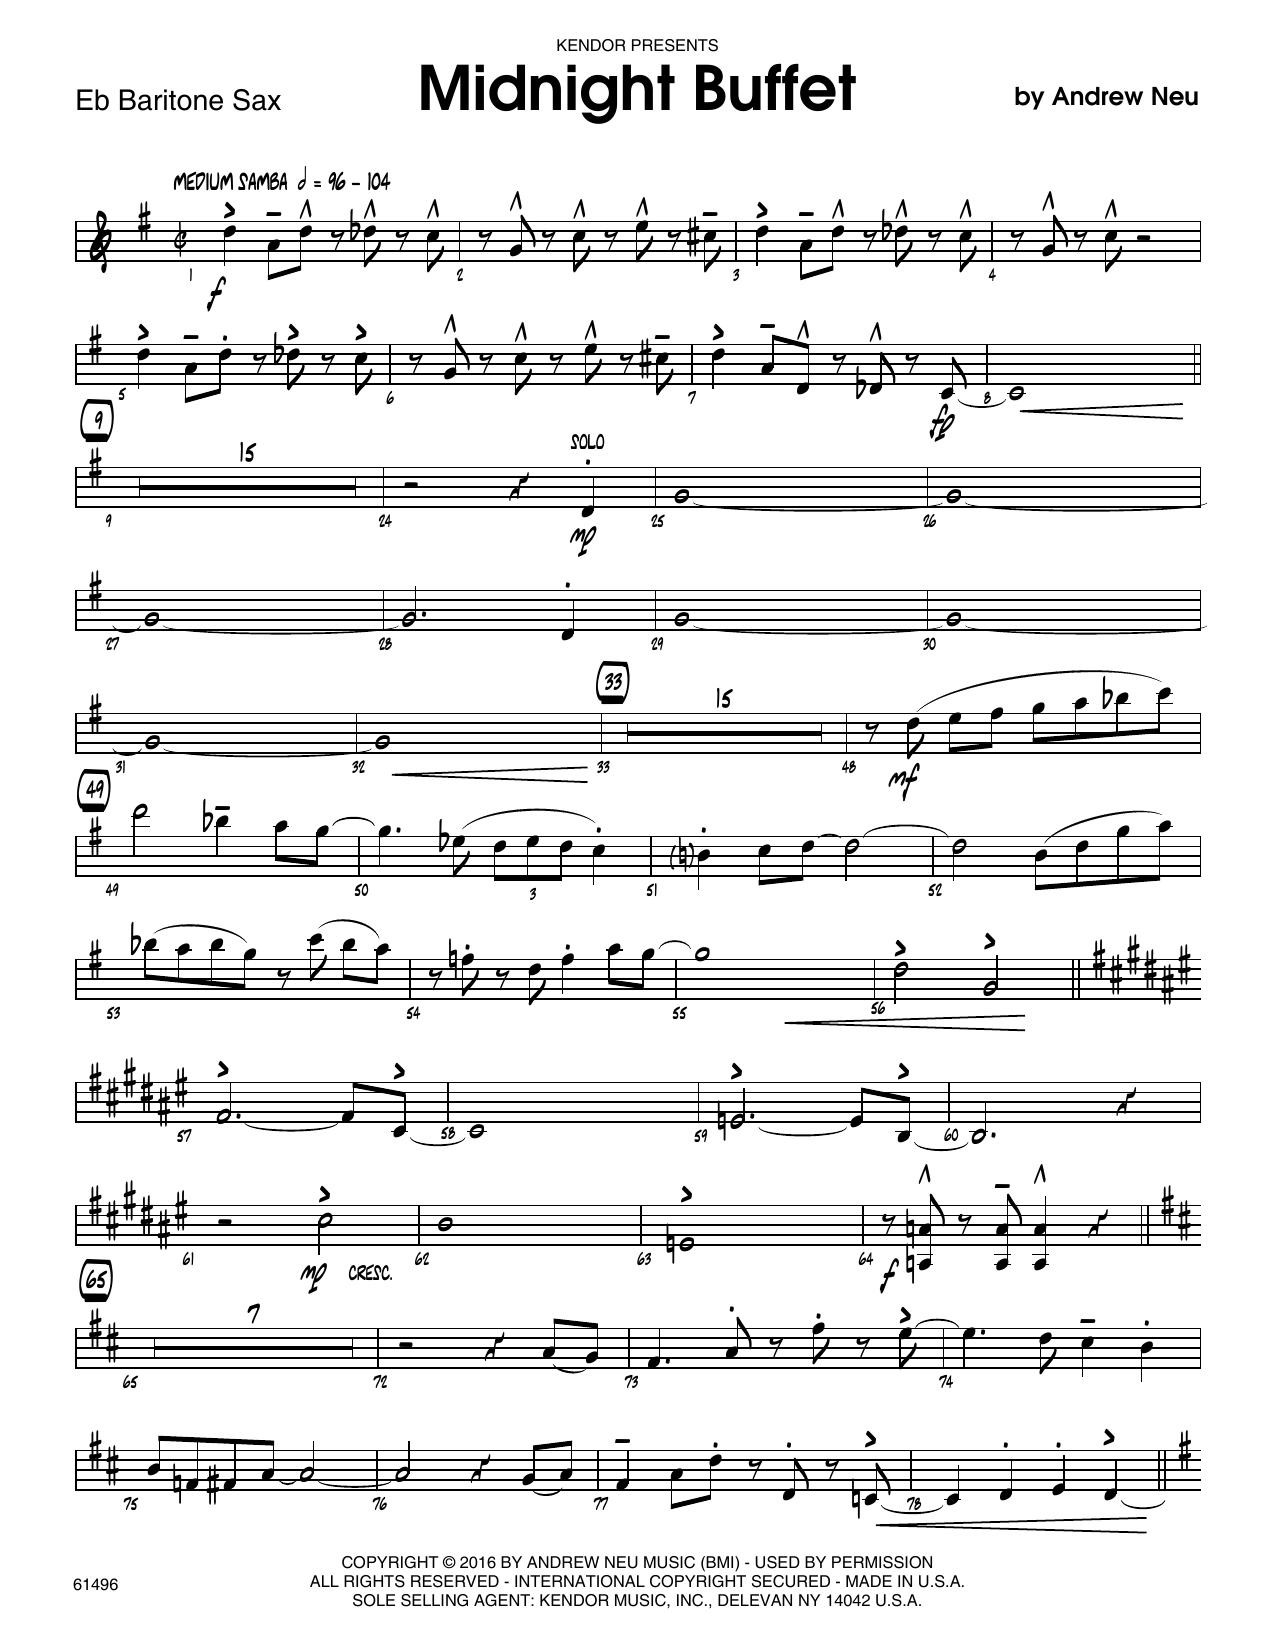 Midnight Buffet - Eb Baritone Saxophone Sheet Music